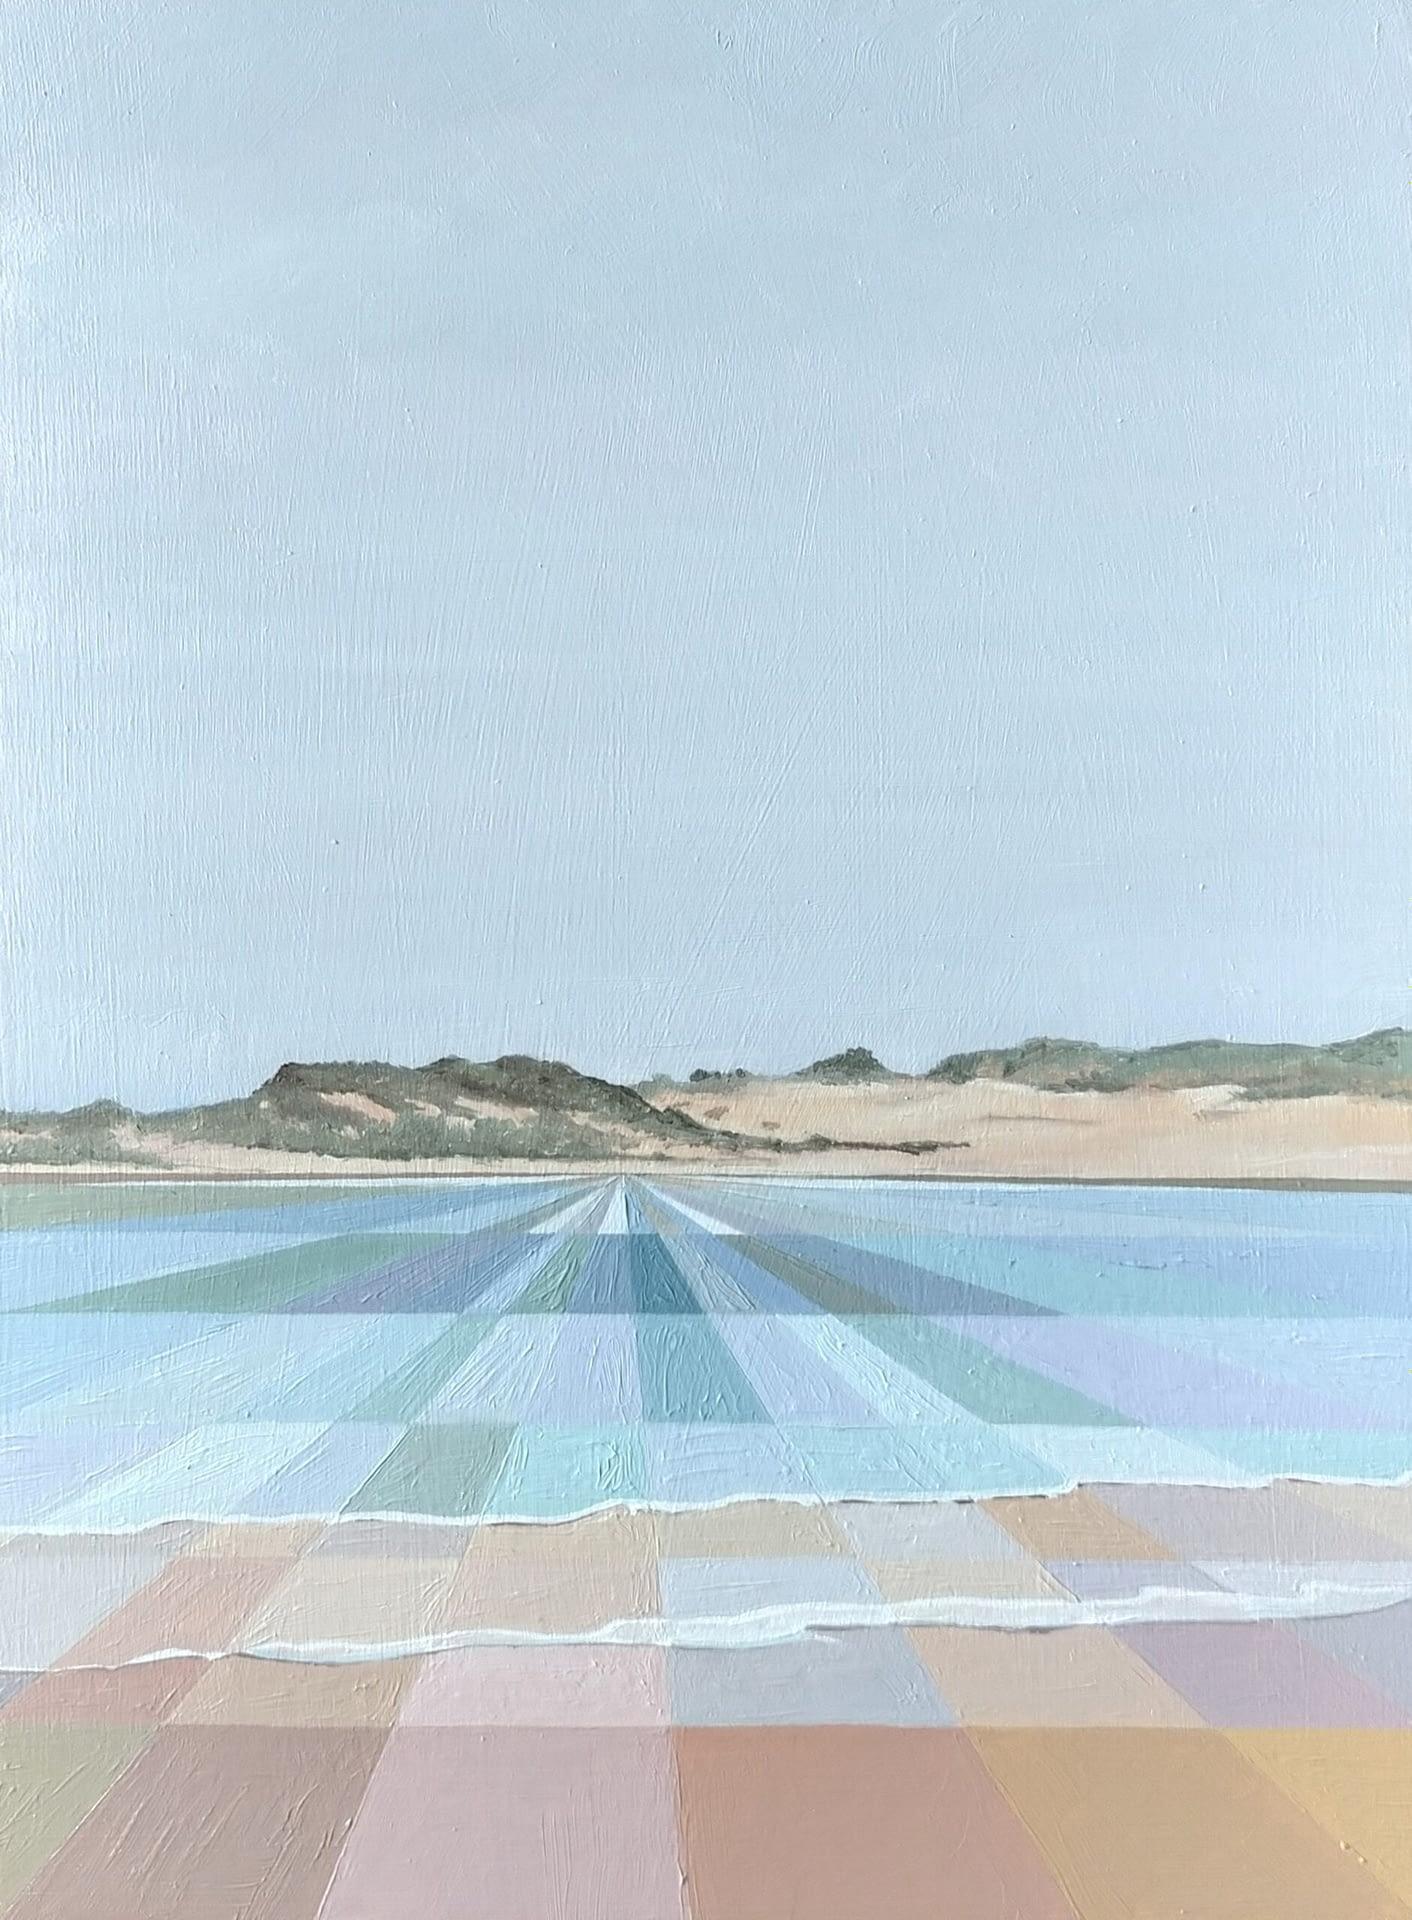 Playa de Cuchia II